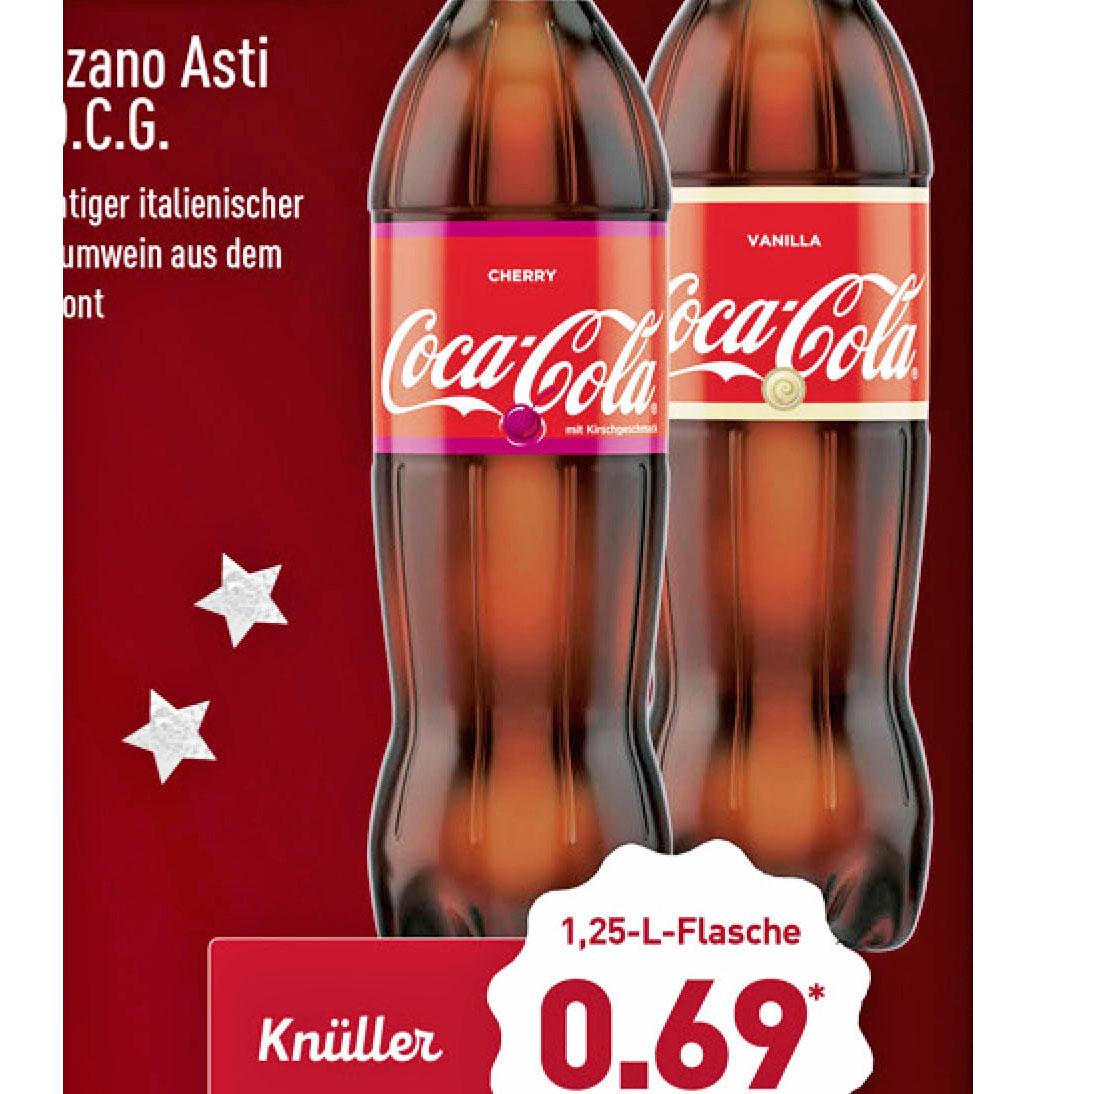 Alles was klebt, Coca Cola Vanilla / Cherry sowie Tesa-Film und Tesa-Sekundenkleber bei (Aldi Nord)